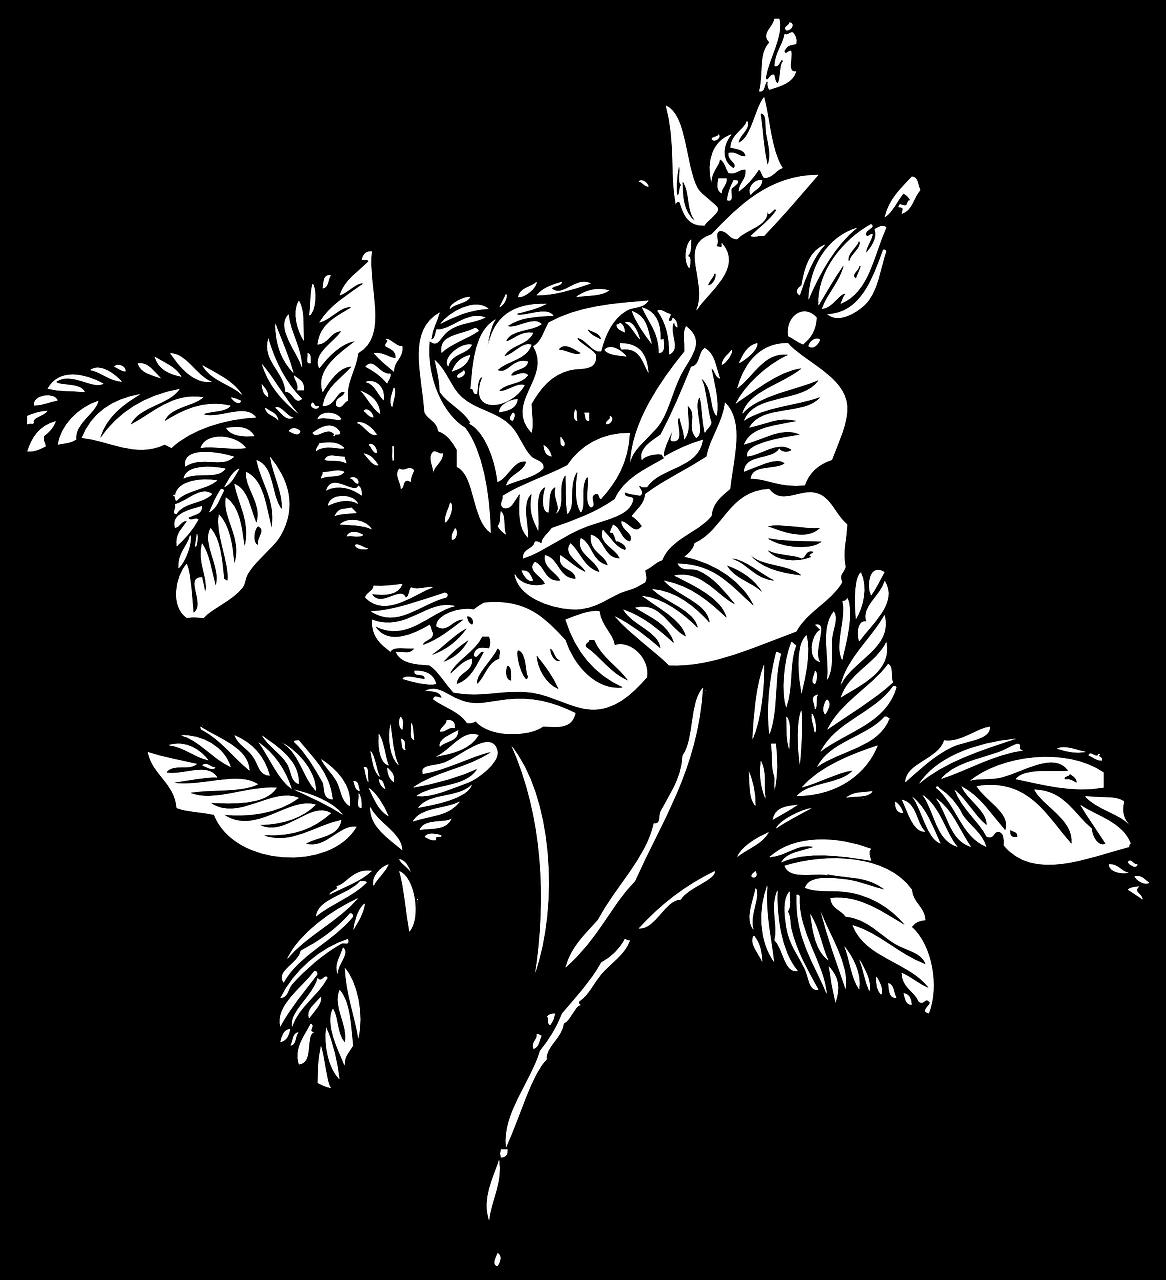 Rose Hitam Dan Putih Bunga Gambar Vektor Gratis Di Pixabay